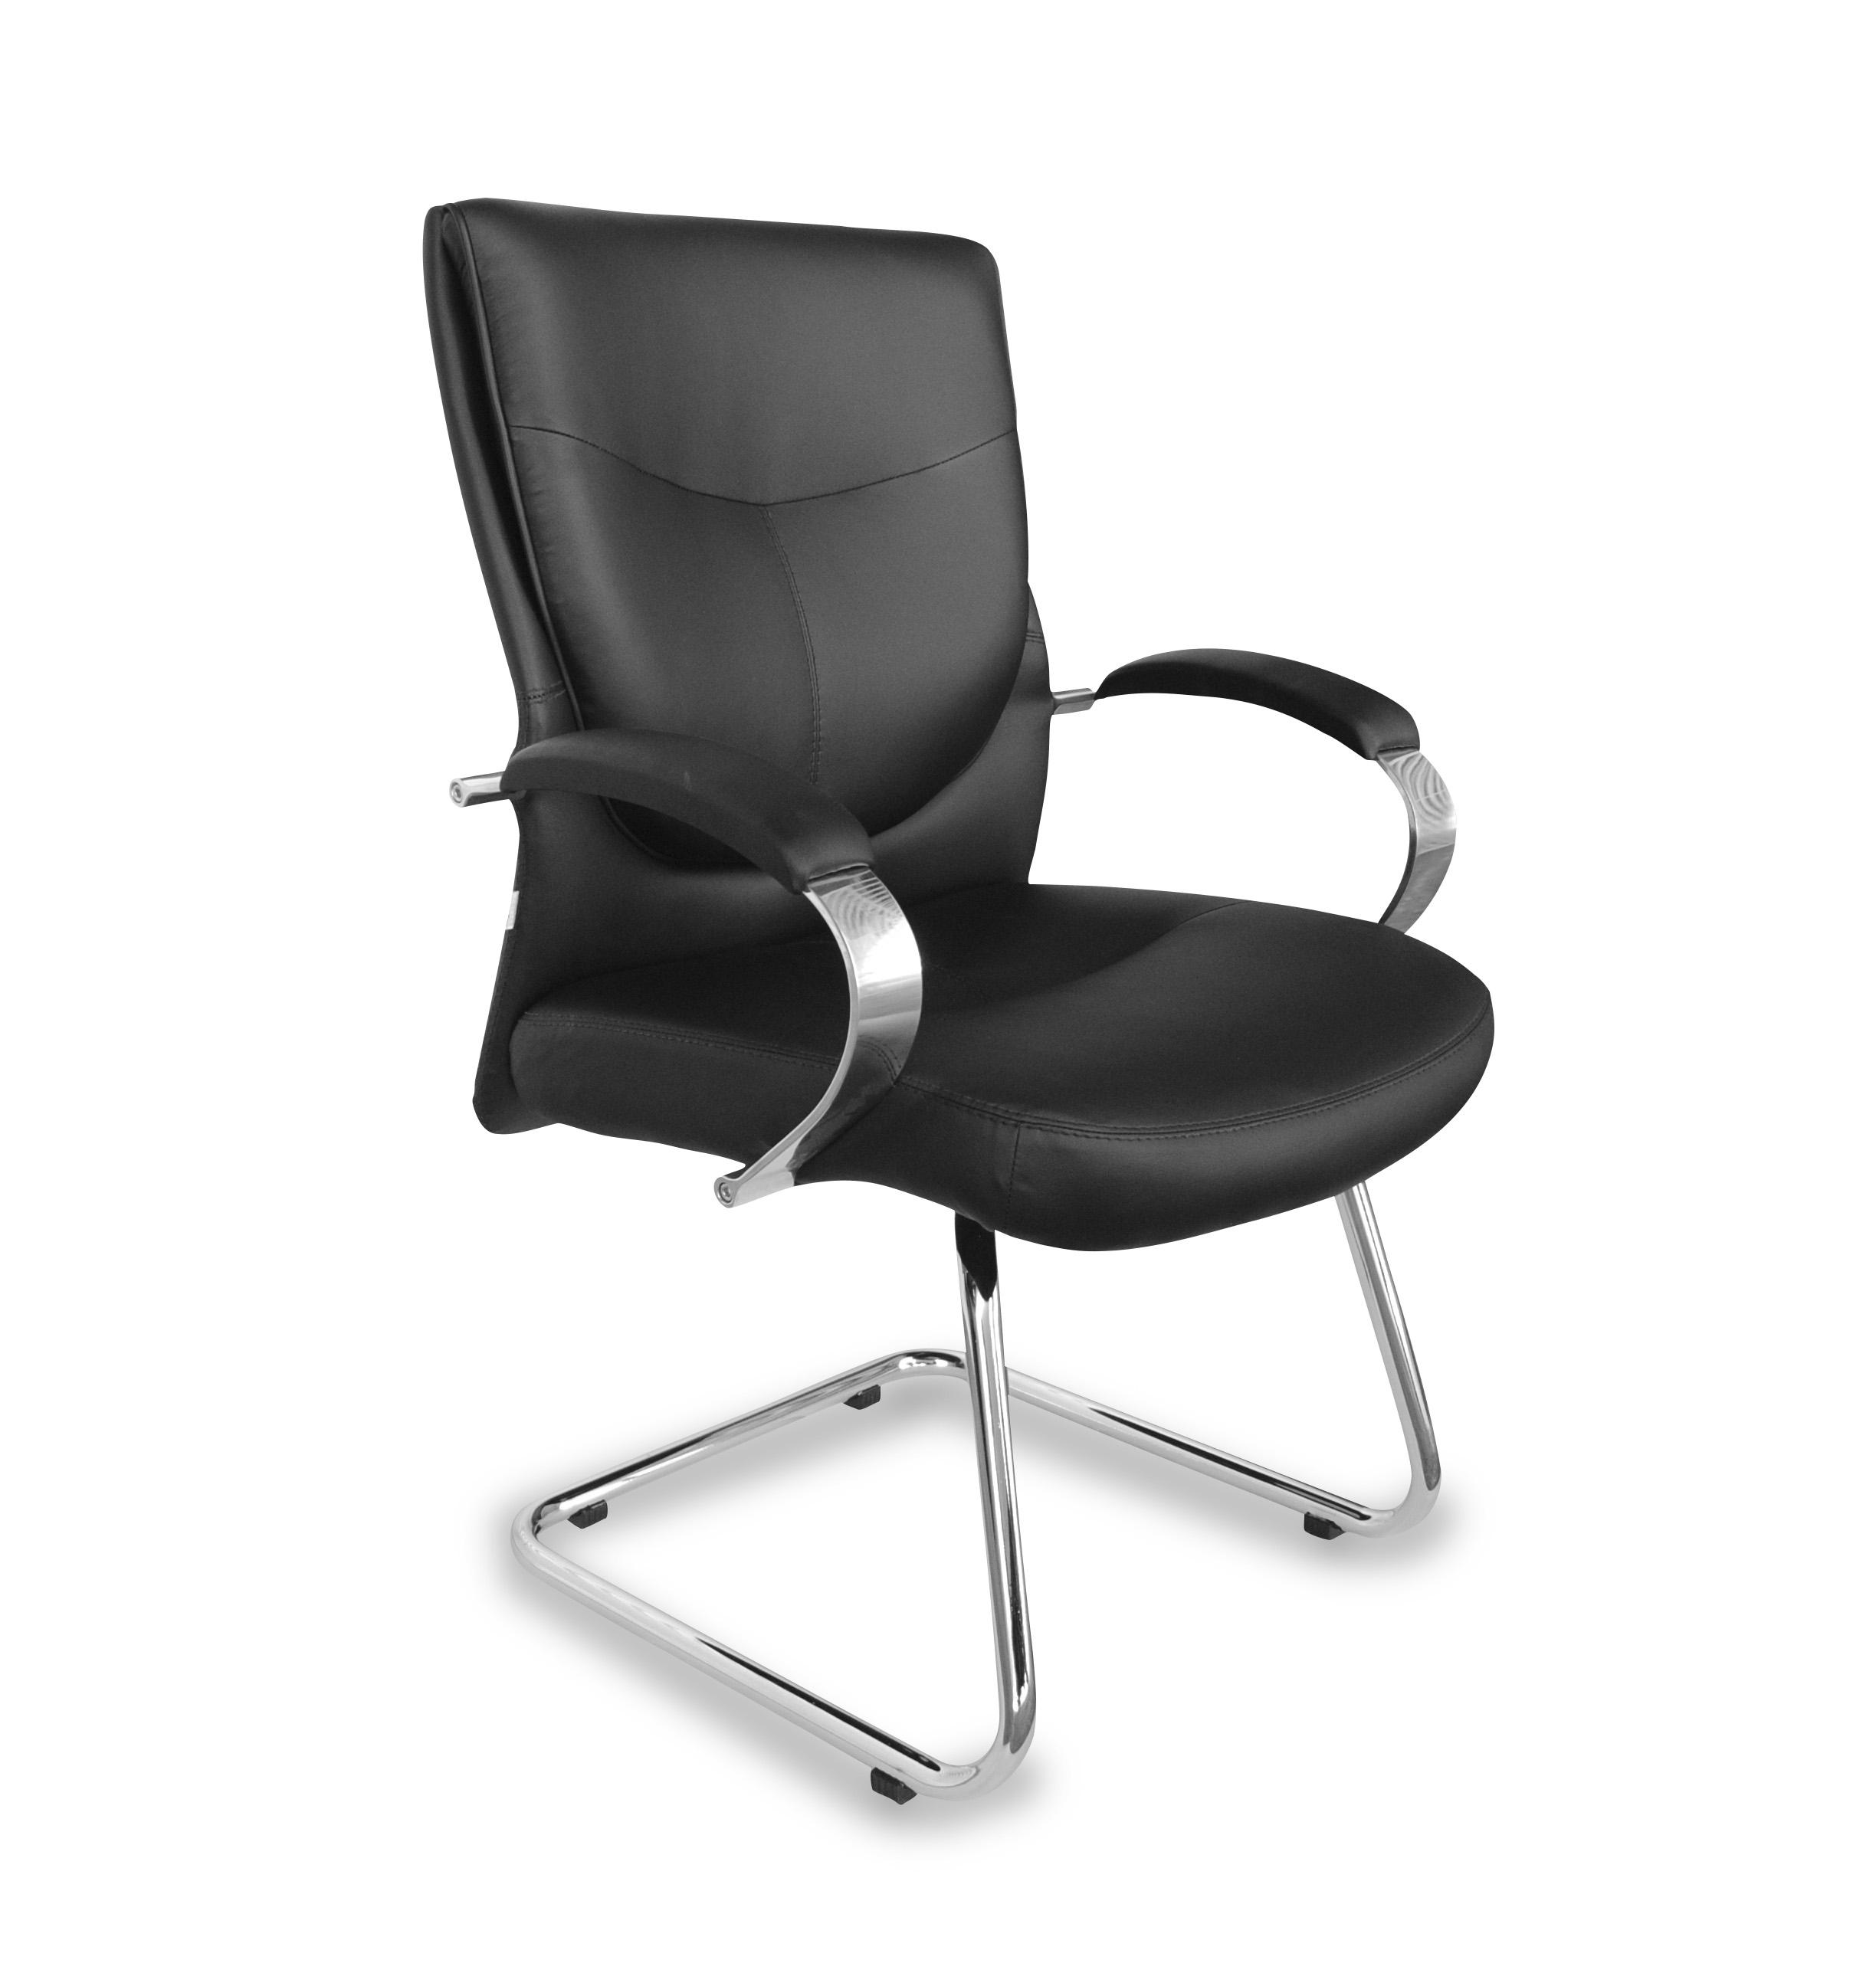 Cadeira Fixa para Visita Futura